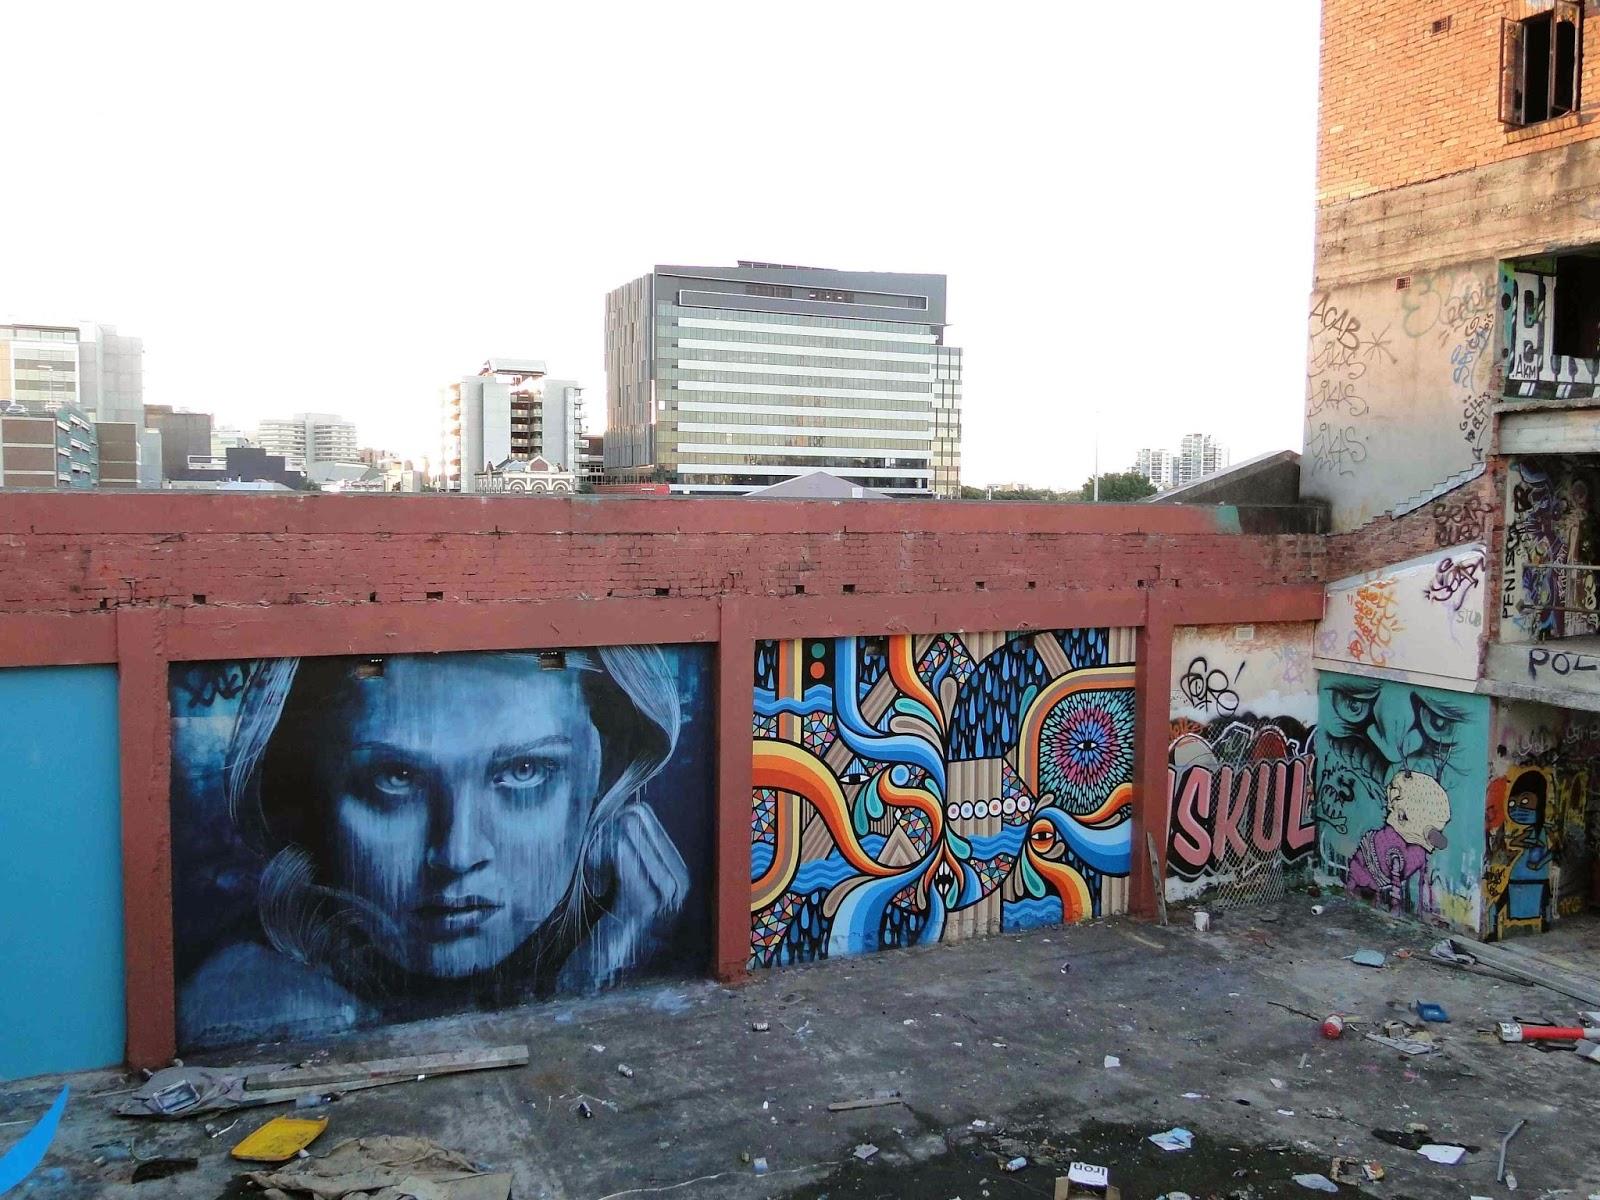 Rone new mural in brisbane australia streetartnews for Australian mural